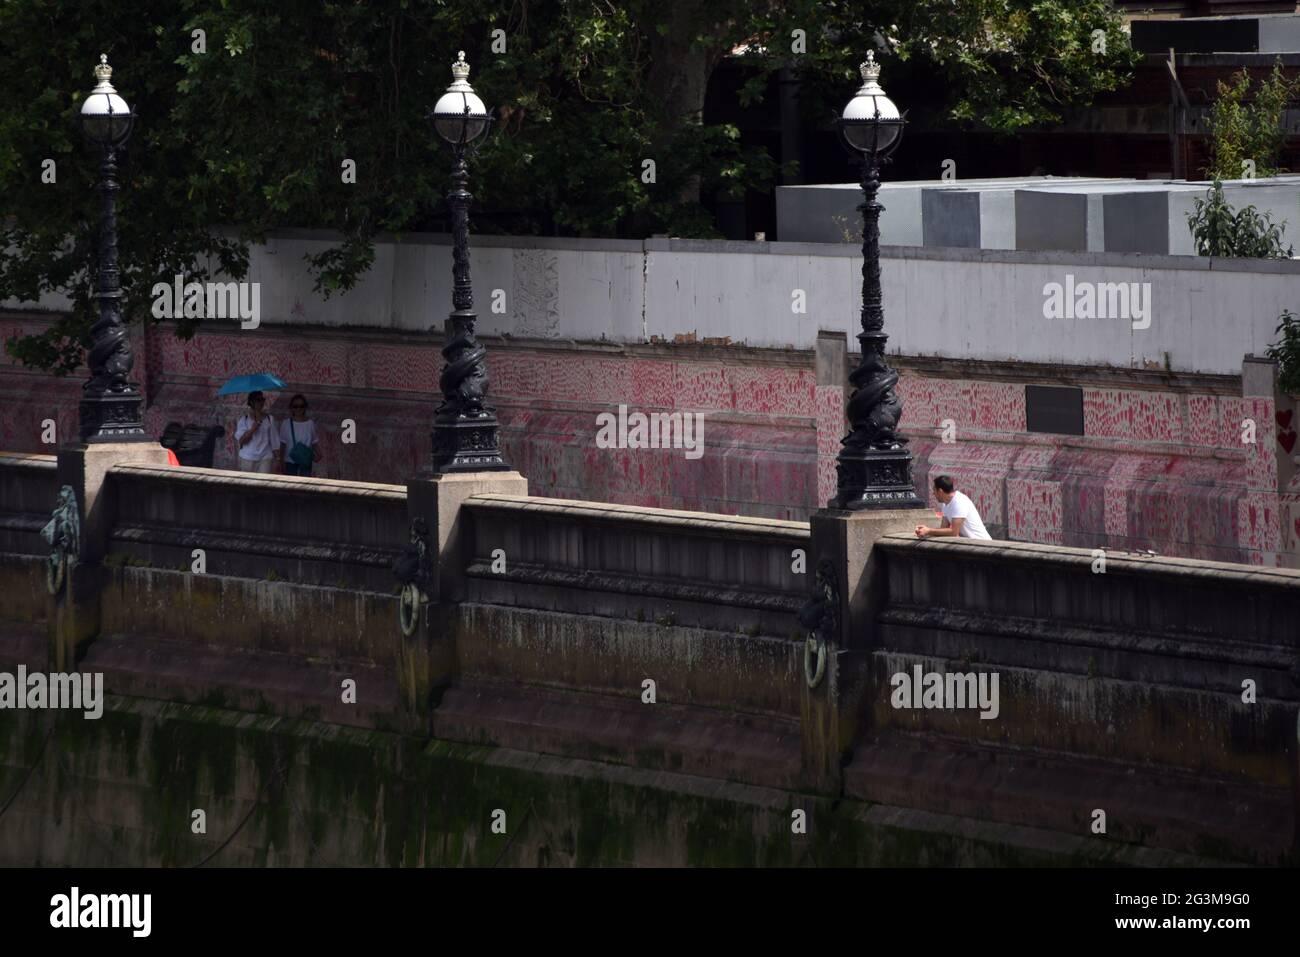 Les coeurs du mur commémoratif national de Covid peuvent être vus dans cette photo prise à partir du pont de Lambeth à Londres Banque D'Images